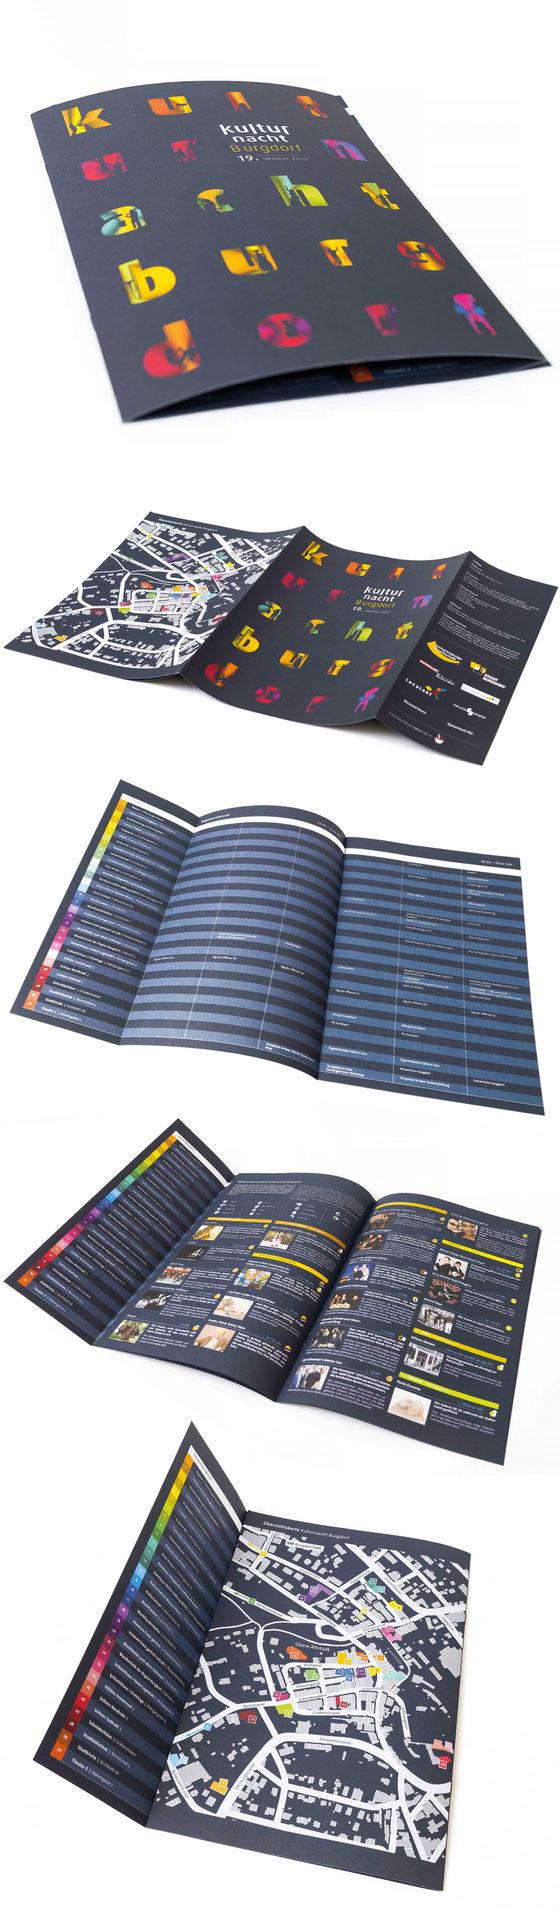 Prospektgestaltung Kulturnacht Burgdorf | Layout und Grafik by Lockedesign seit 2013/14/15/16/17